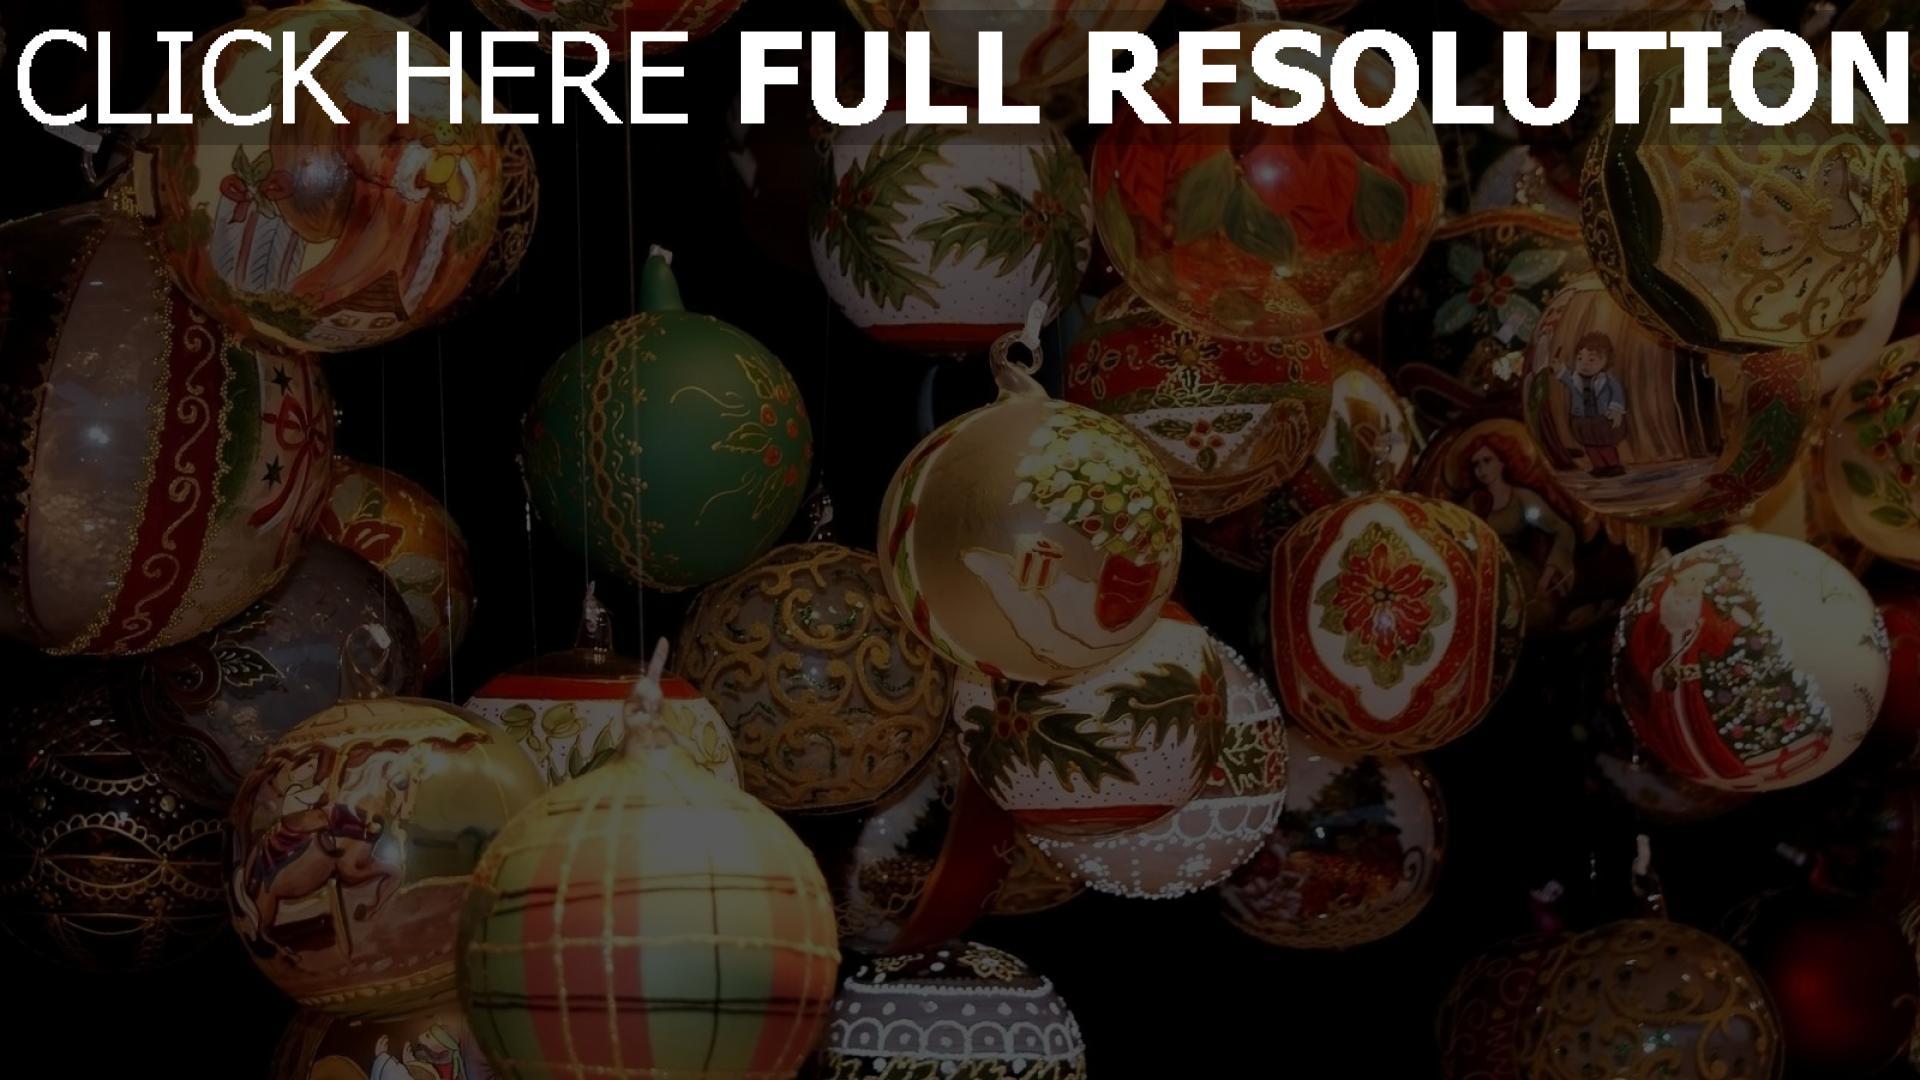 hd hintergrundbilder muster viele luftballons weihnachtsschmuck verschiedene fäden urlaub hängend 1920x1080